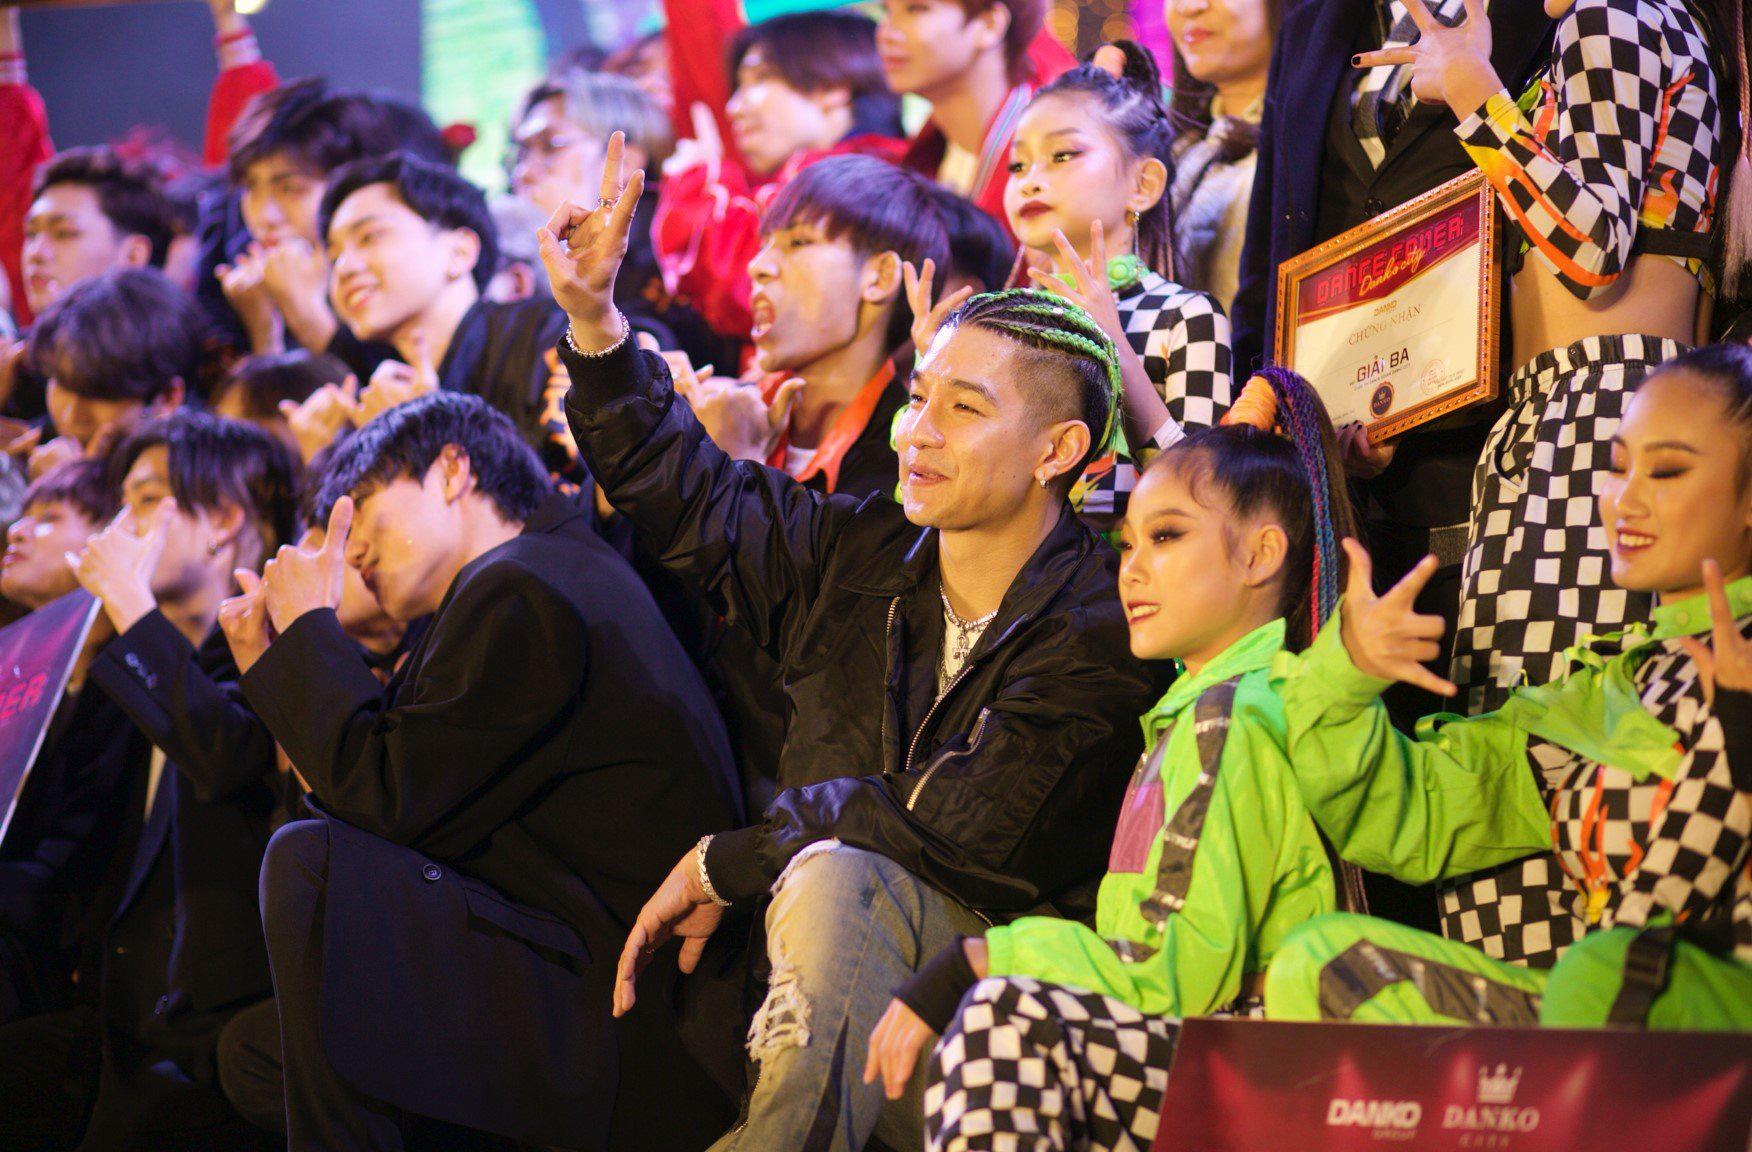 Dance cover Danko City: Bùng cháy với các vũ điệu Kpop cùng Cường seven - Ảnh 13.